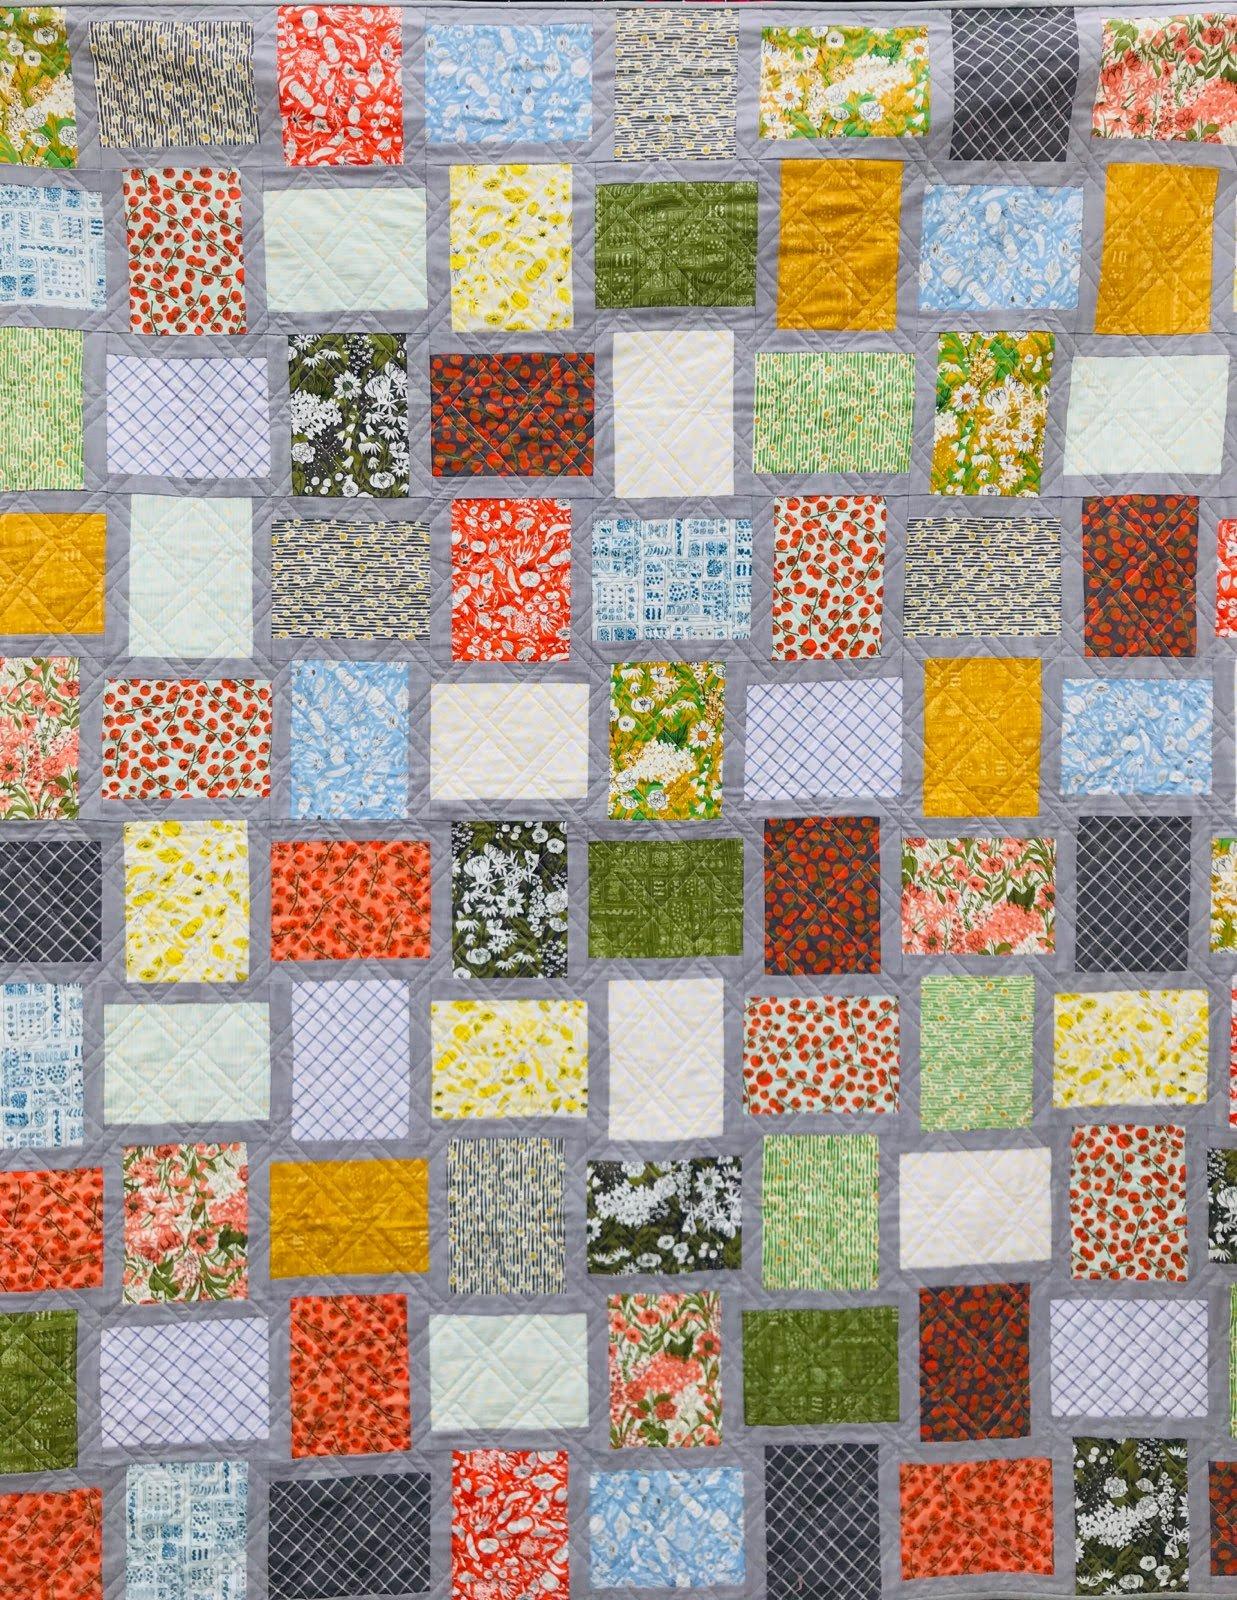 Mazy's Garden Quilt Kit